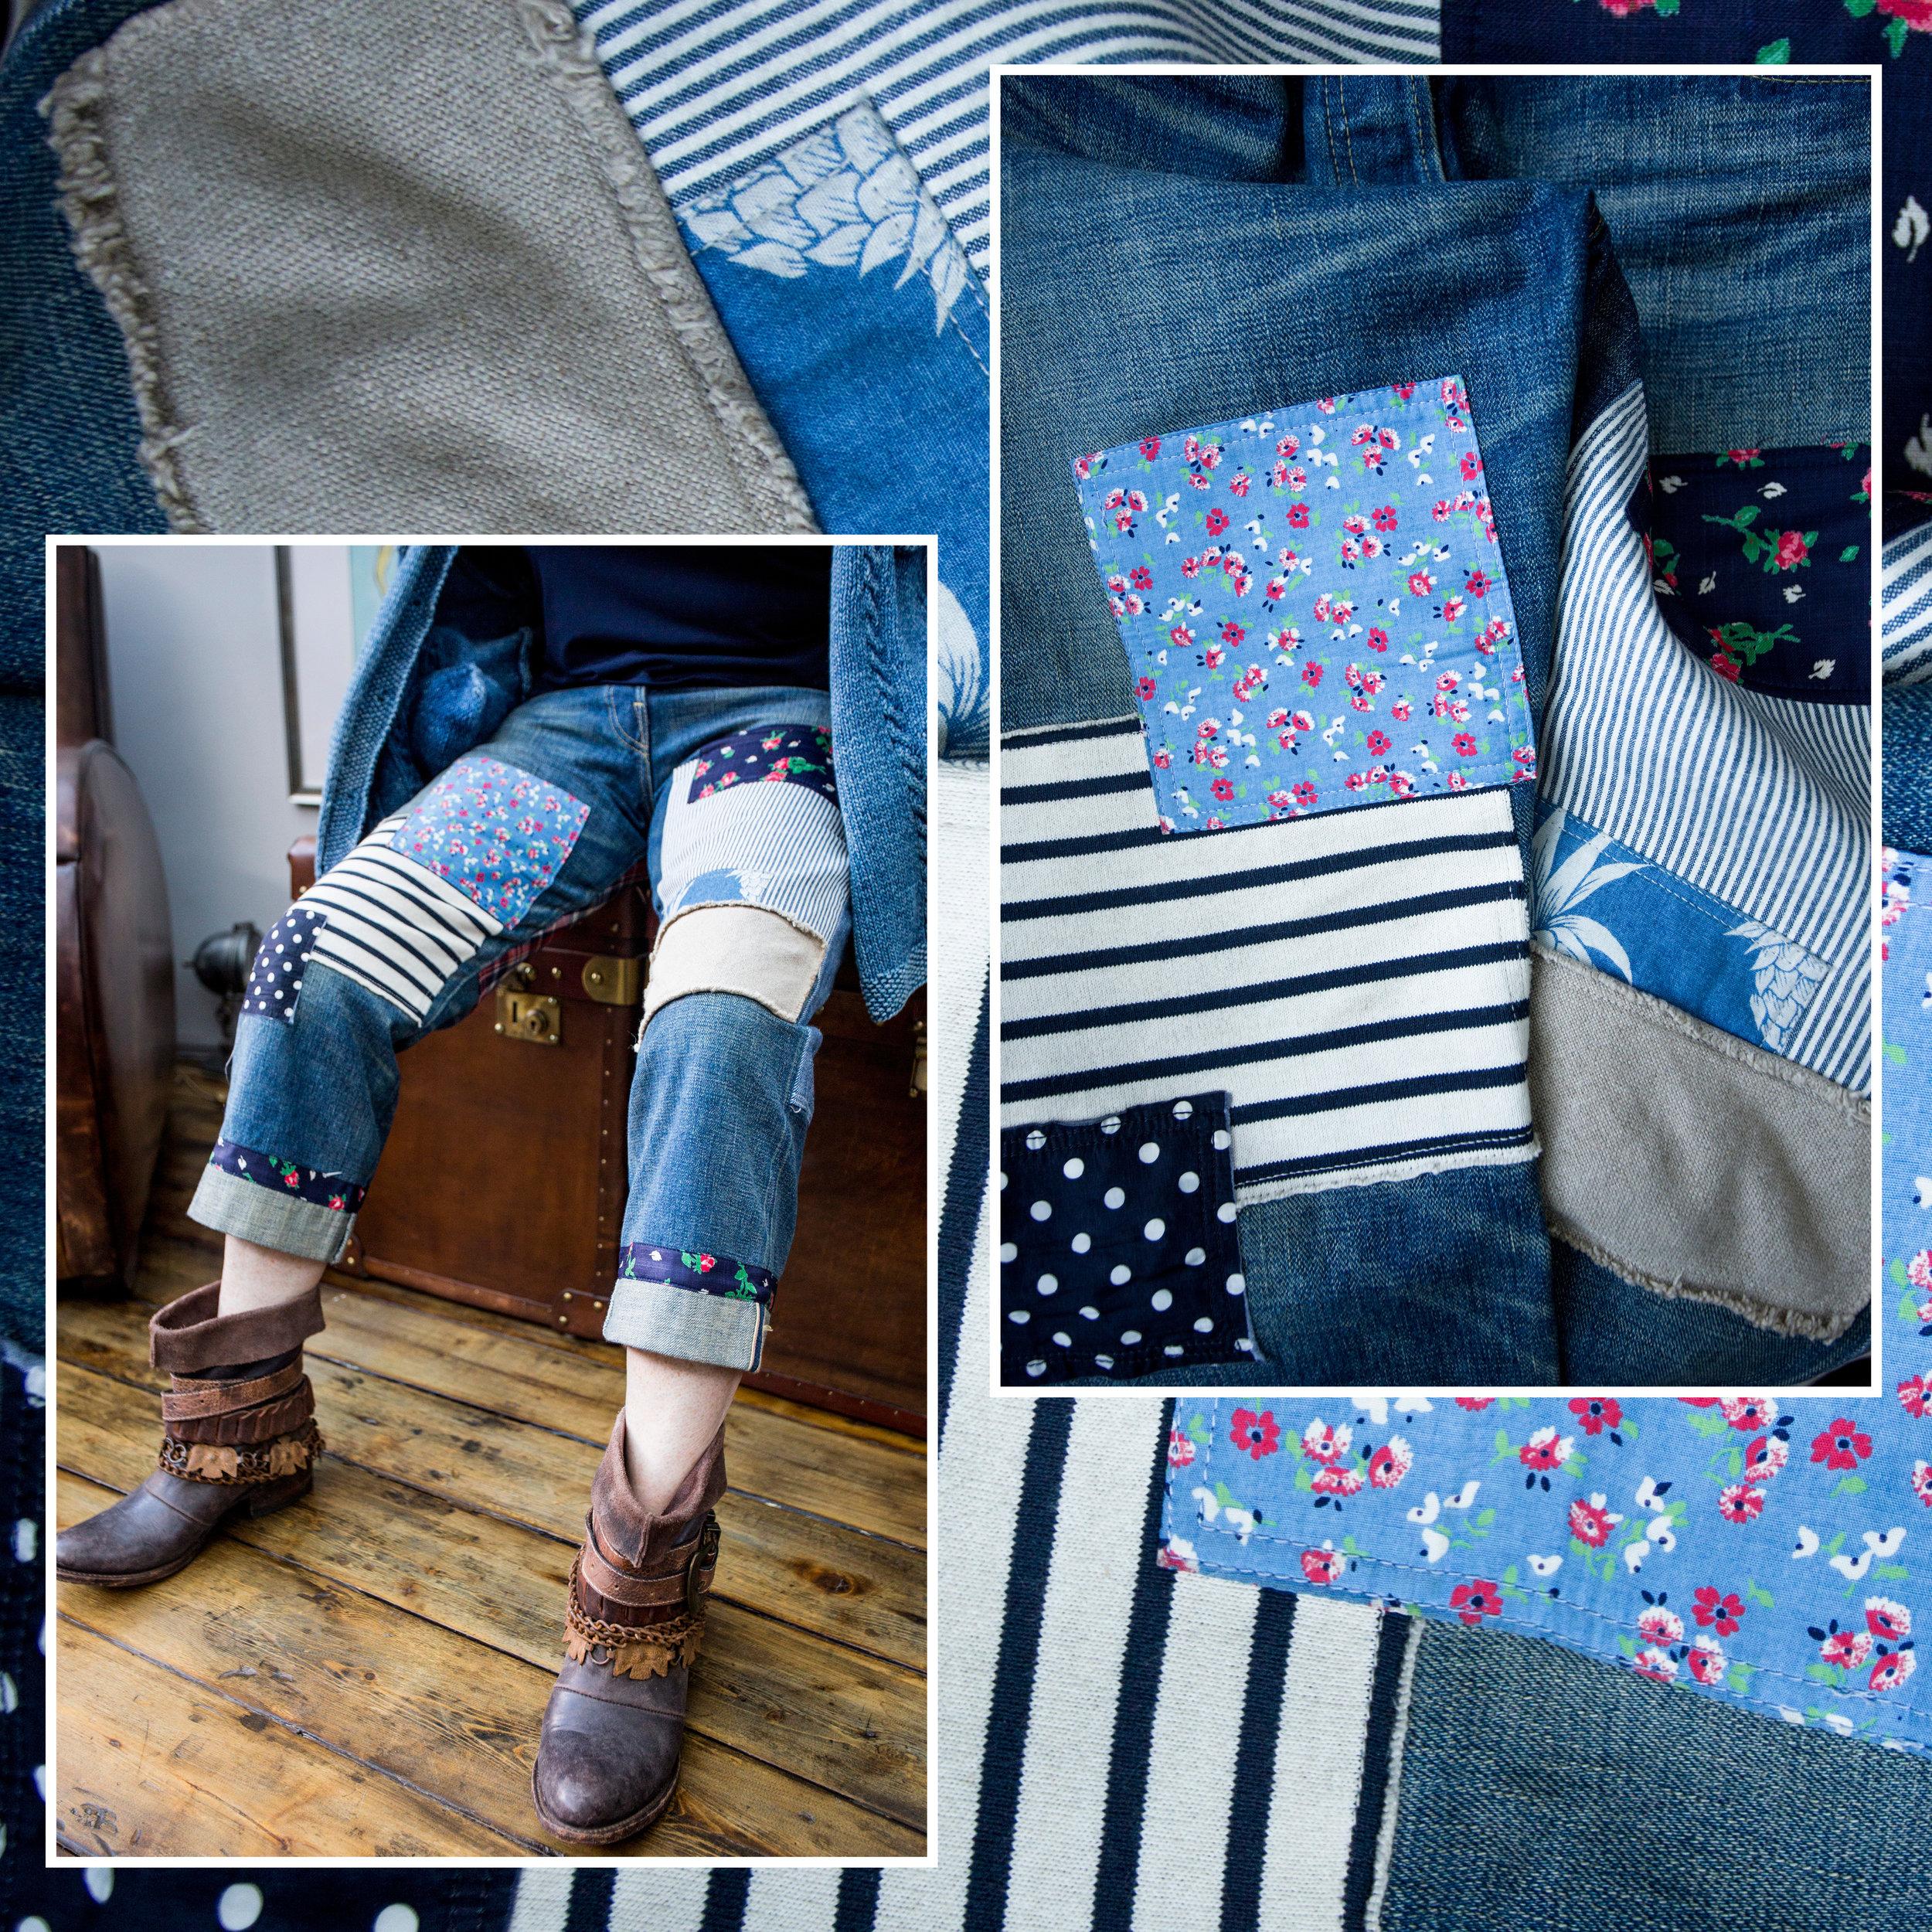 denim fashion icons4.jpg